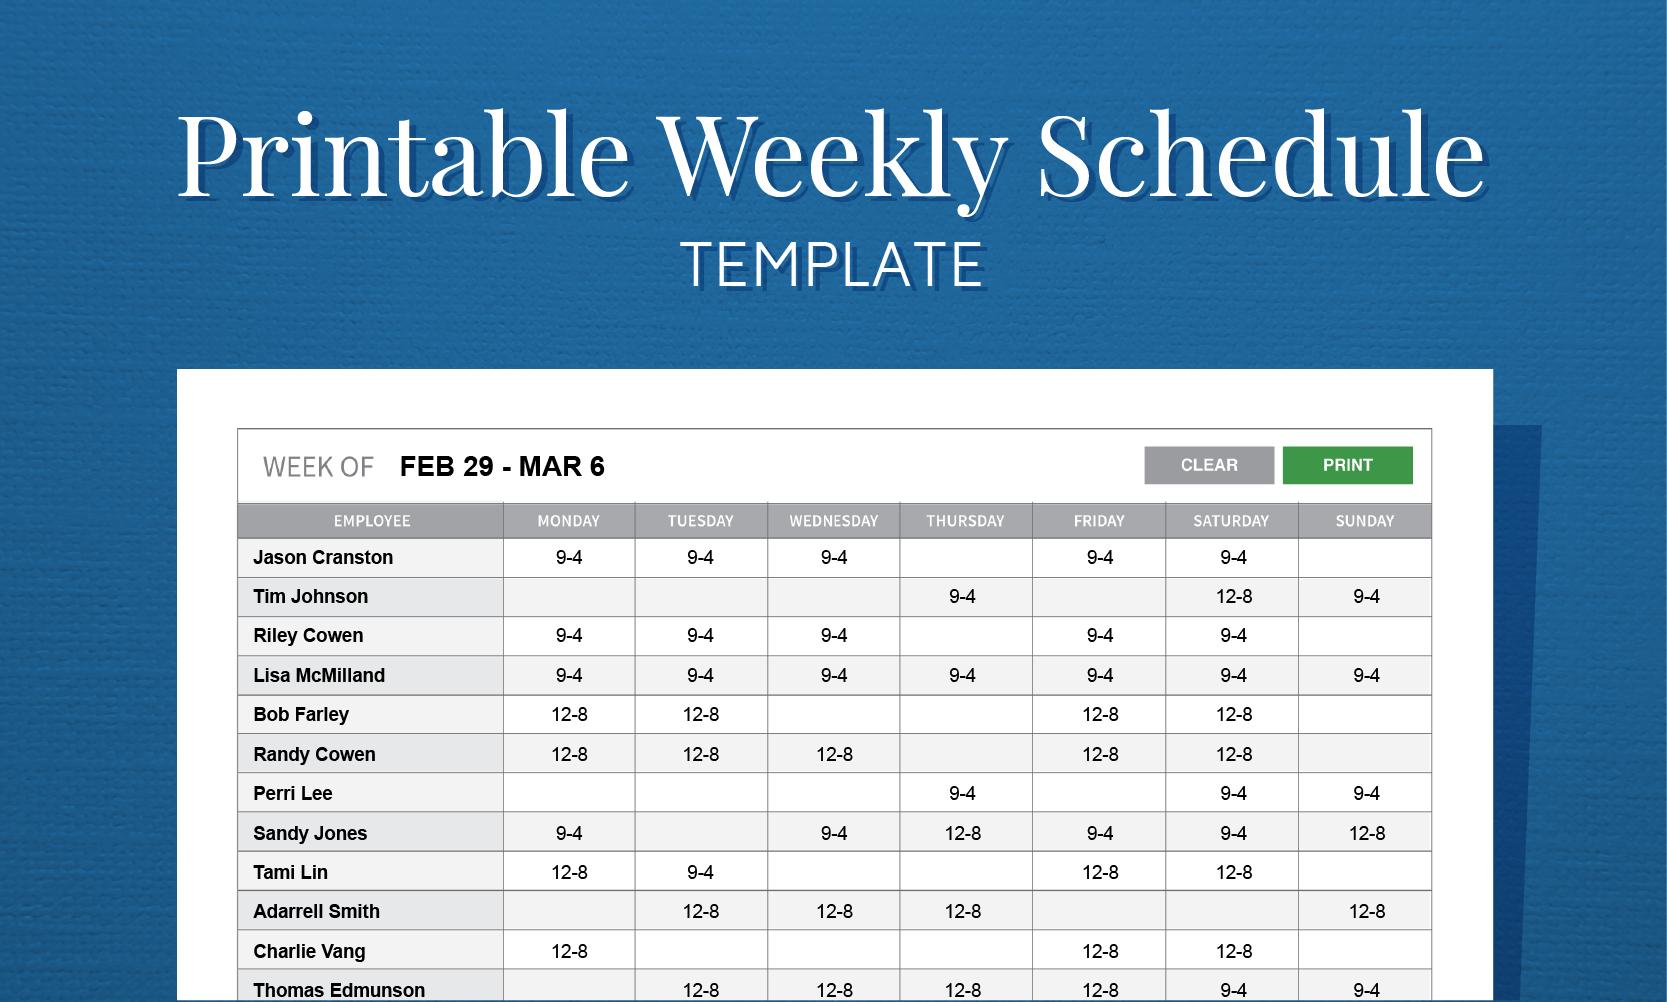 Free Printable Weekly Work Schedule Template For Employee Scheduling - Free Printable Blank Work Schedules